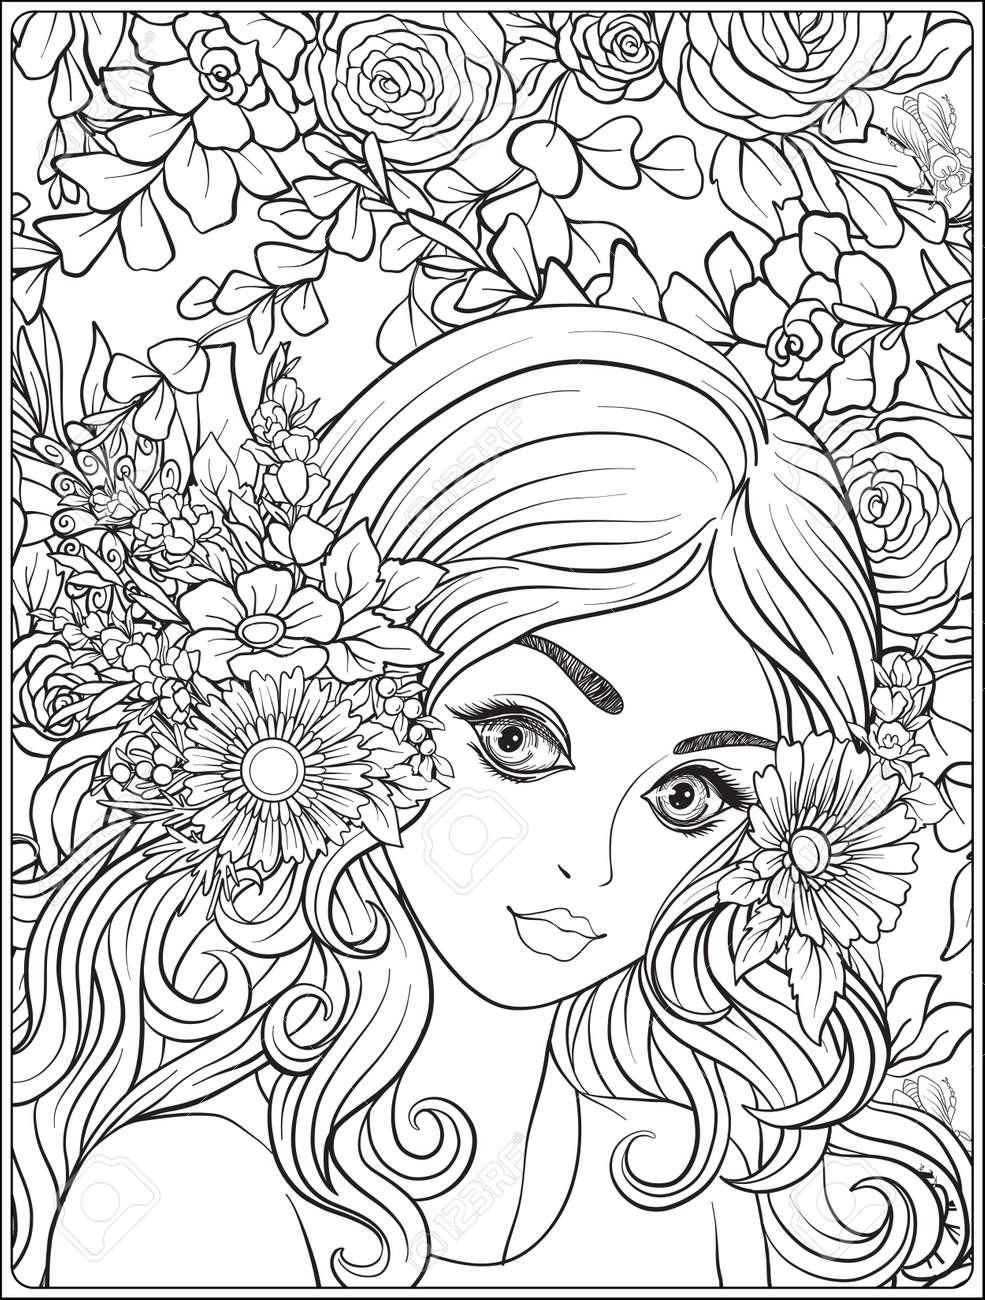 Une Jeune Fille Jolie Avec Une Couronne De Fleurs Sur Sa Tête Contre Le Fond D Un Motif De Fleurs Dessin De Dessin à La Main Pour La Page De